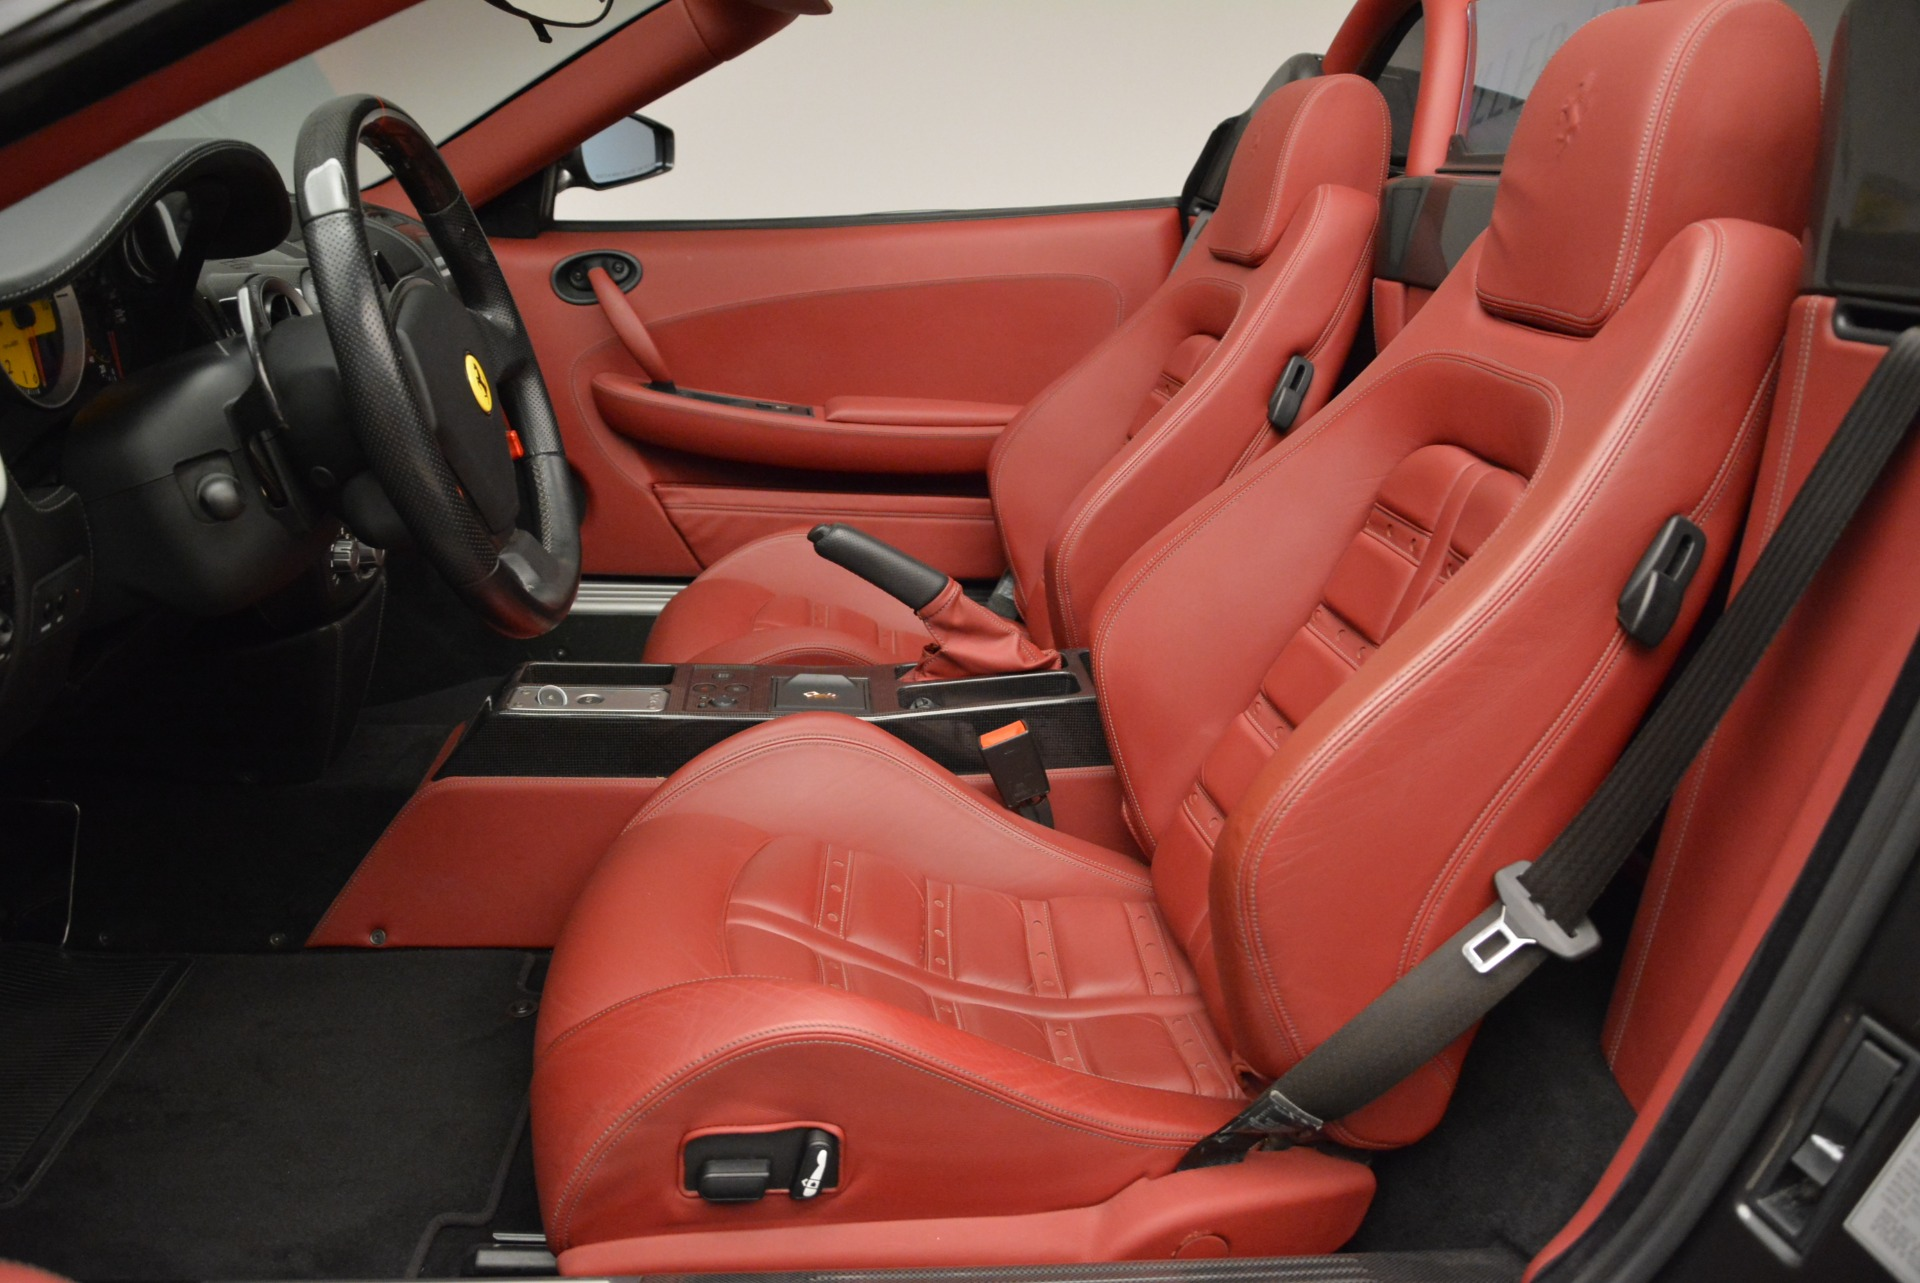 Used 2008 Ferrari F430 Spider  For Sale In Westport, CT 1883_p26